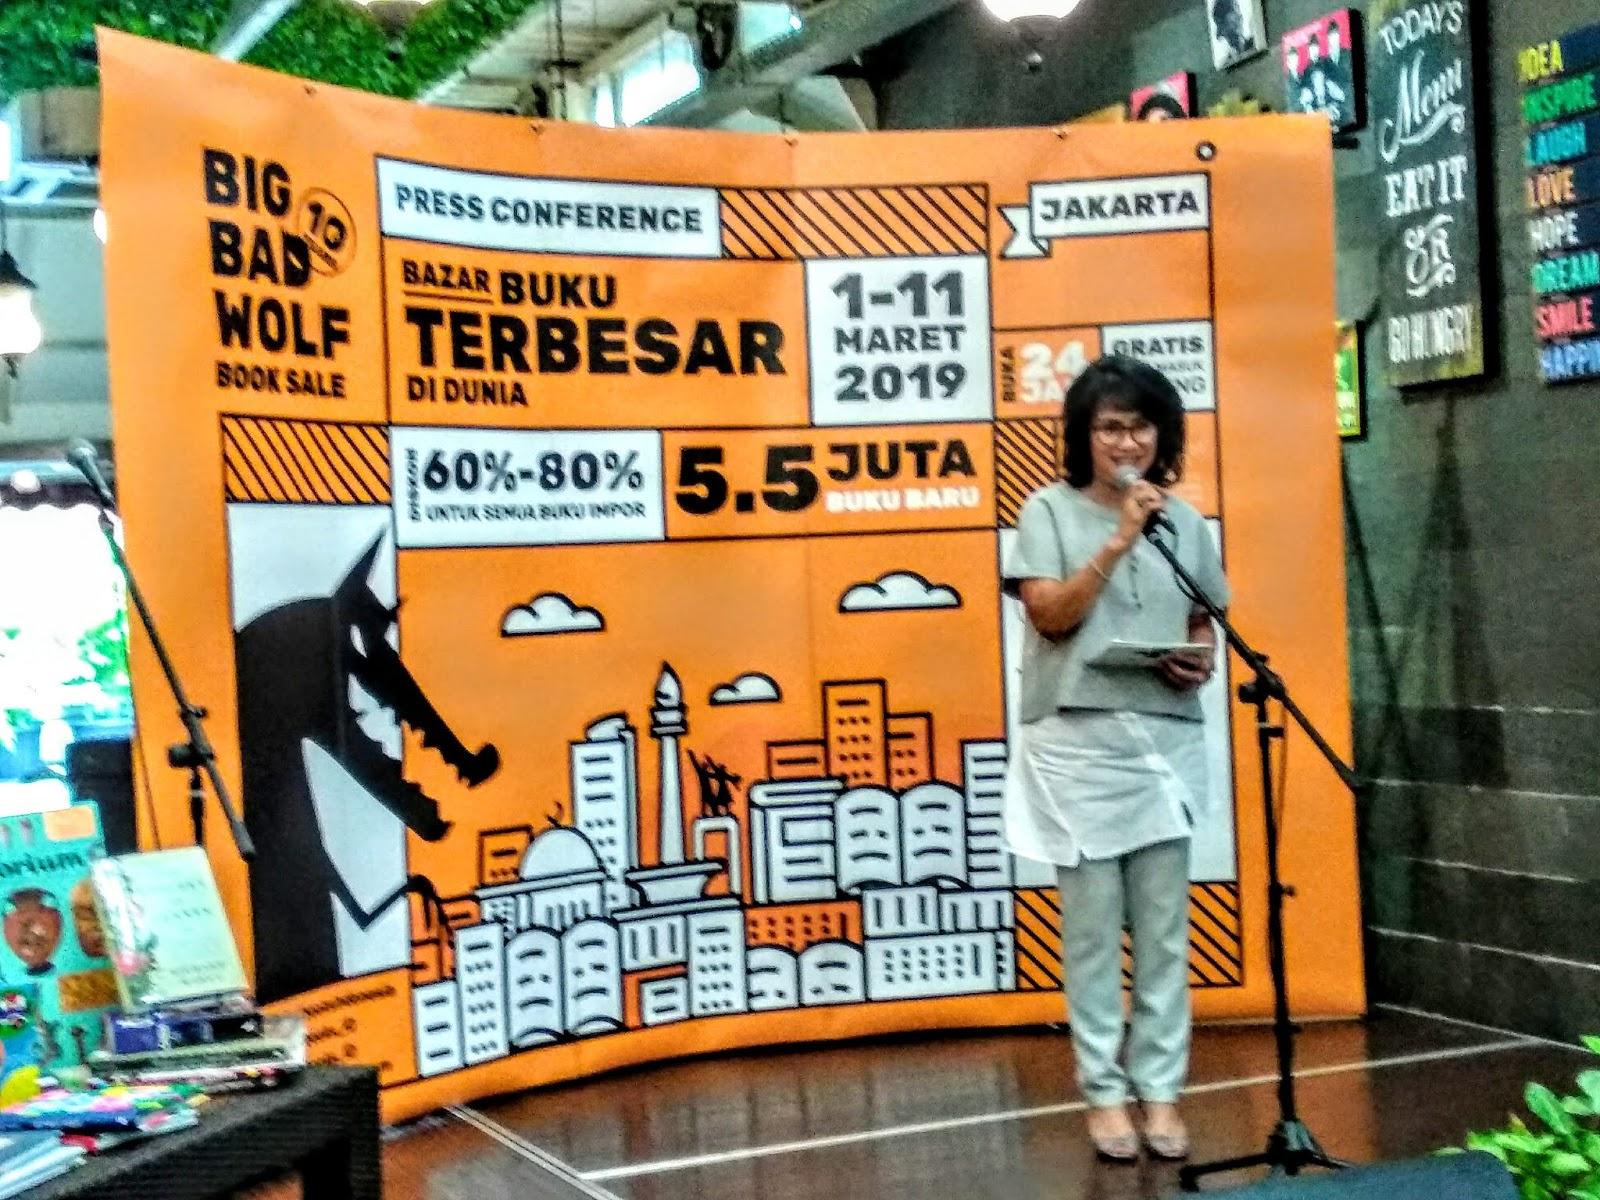 Mendorong Minat Baca Masyarakat Bazar Buku Big Bad Wolf